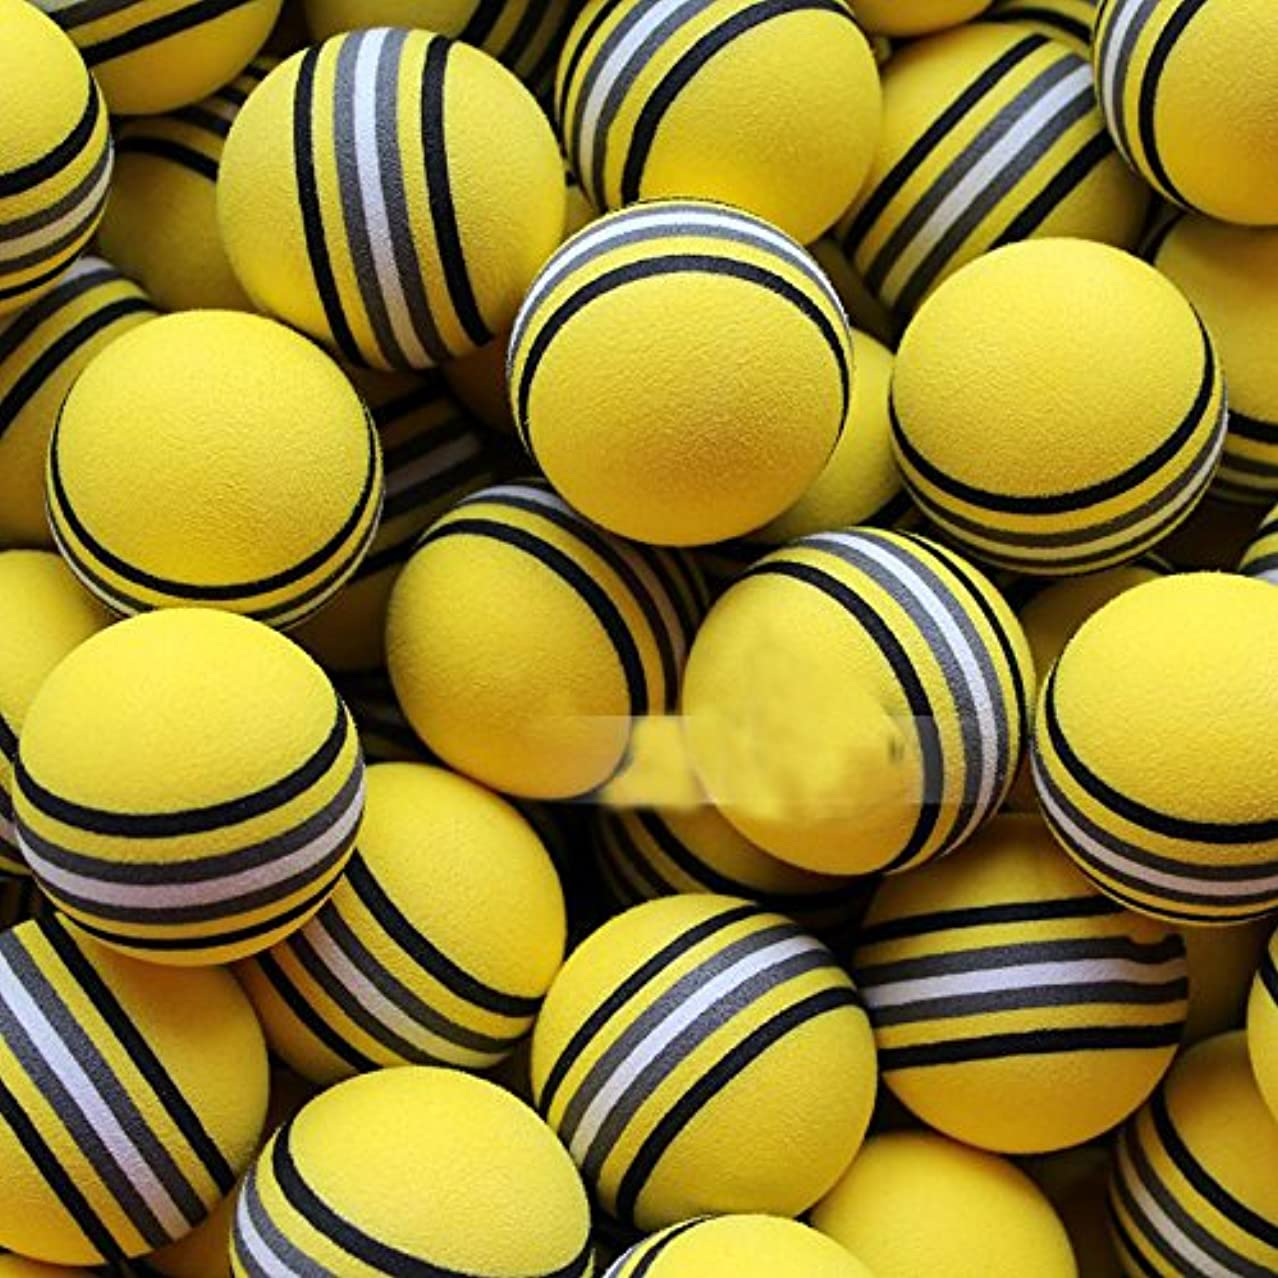 ポットクマノミ溶岩xinzhi 50ピースレインボースポンジゴルフボール、ゴルフトレーニングソフトボール屋内練習ゴルフボール気流中空黄色ゴルフボール練習、トレーニング、スポーツ